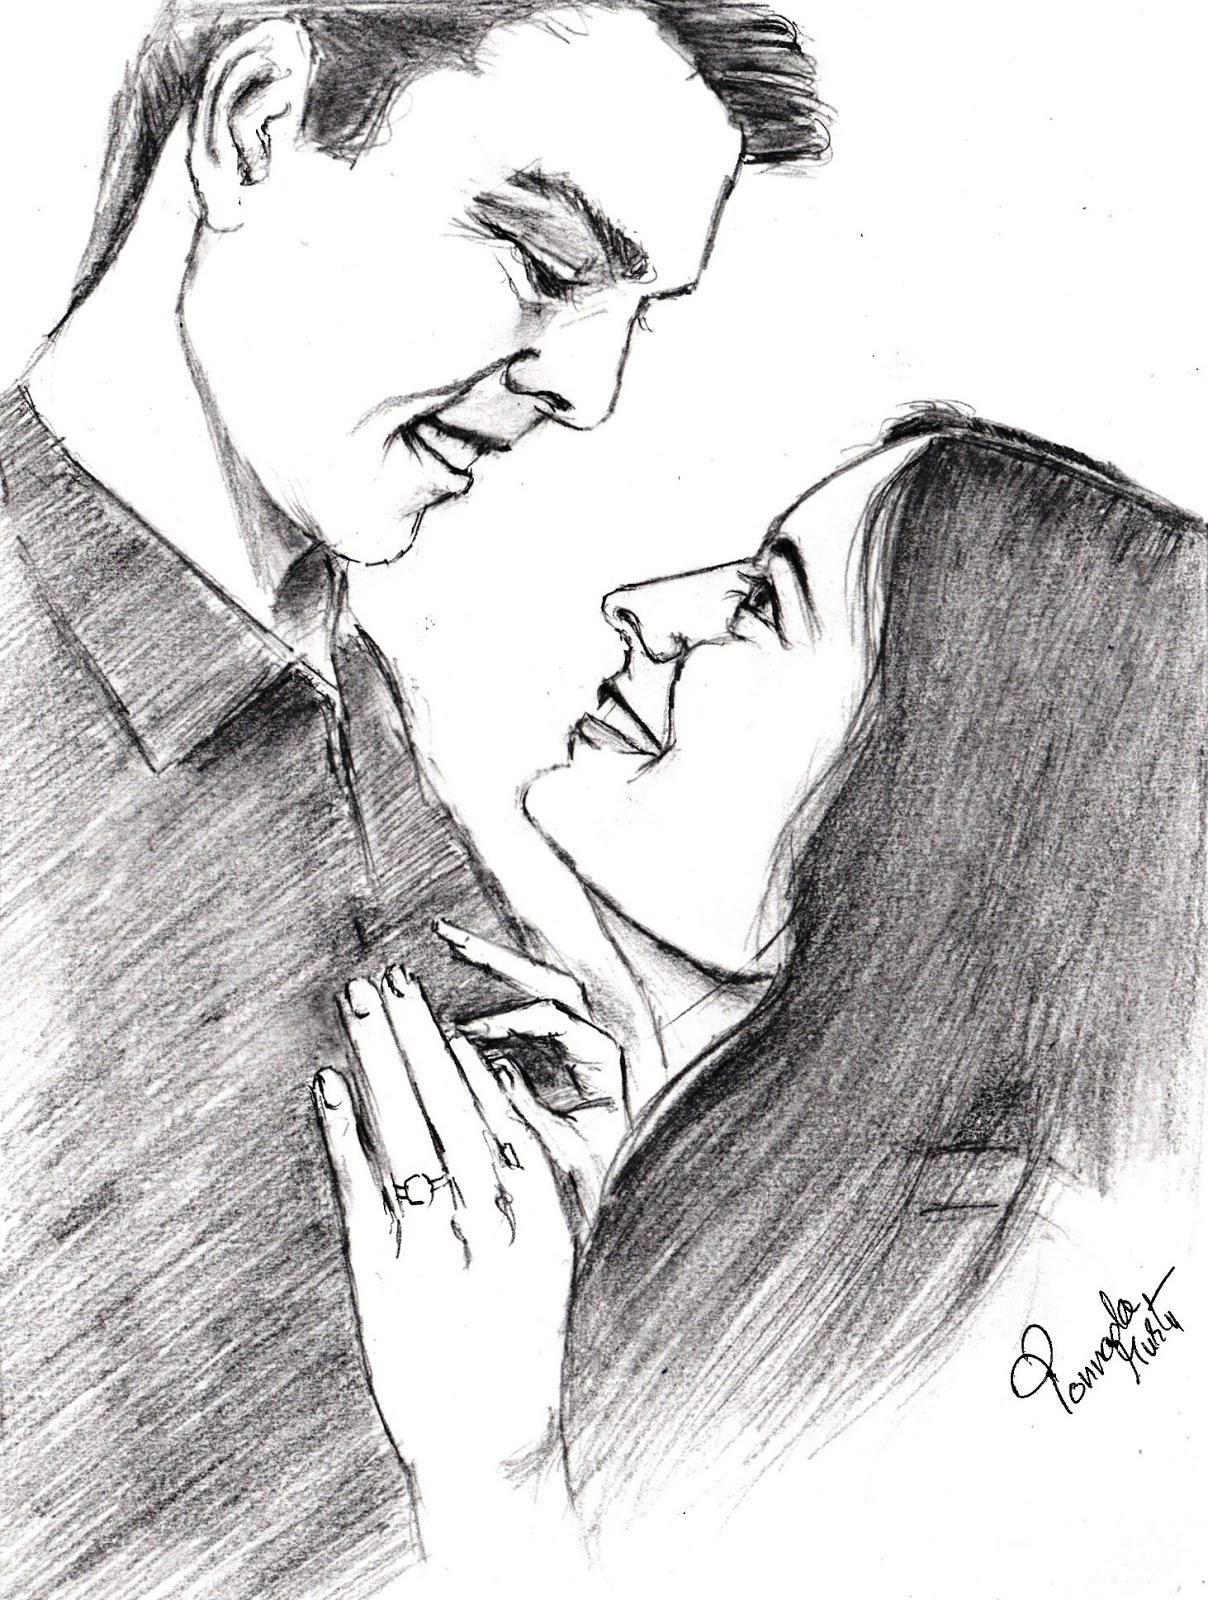 1208x1600 Lovers Pencil Sketch Image Gallery Sad Lover Pencil Sketch